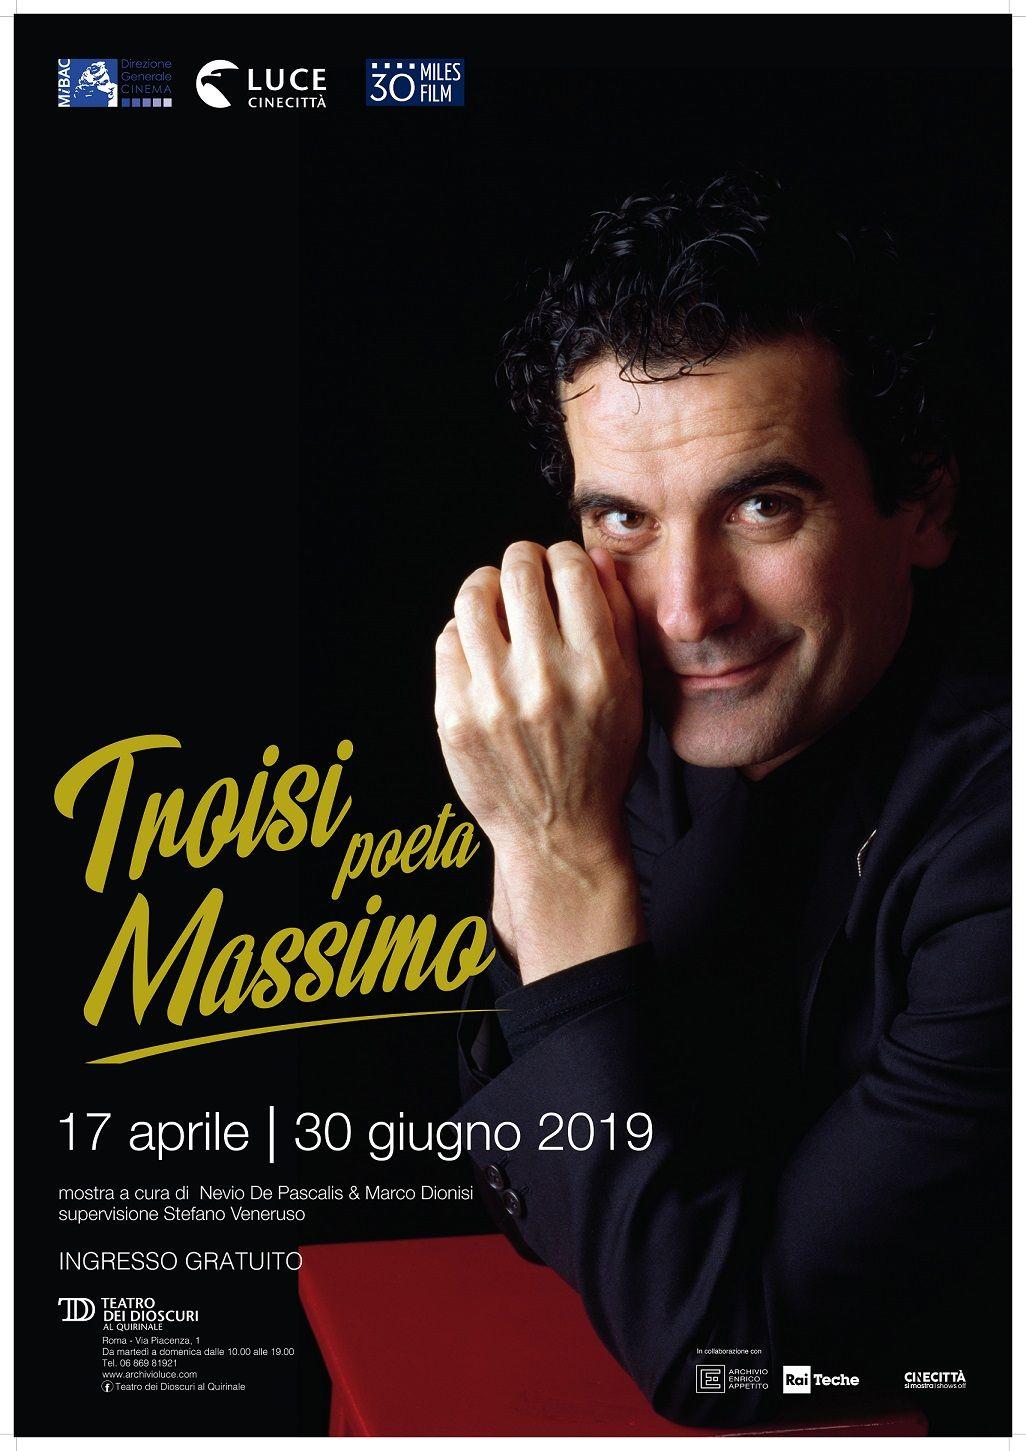 Troisi poeta Massimo: la locandina della mostra dedicata a Massimo Troisi